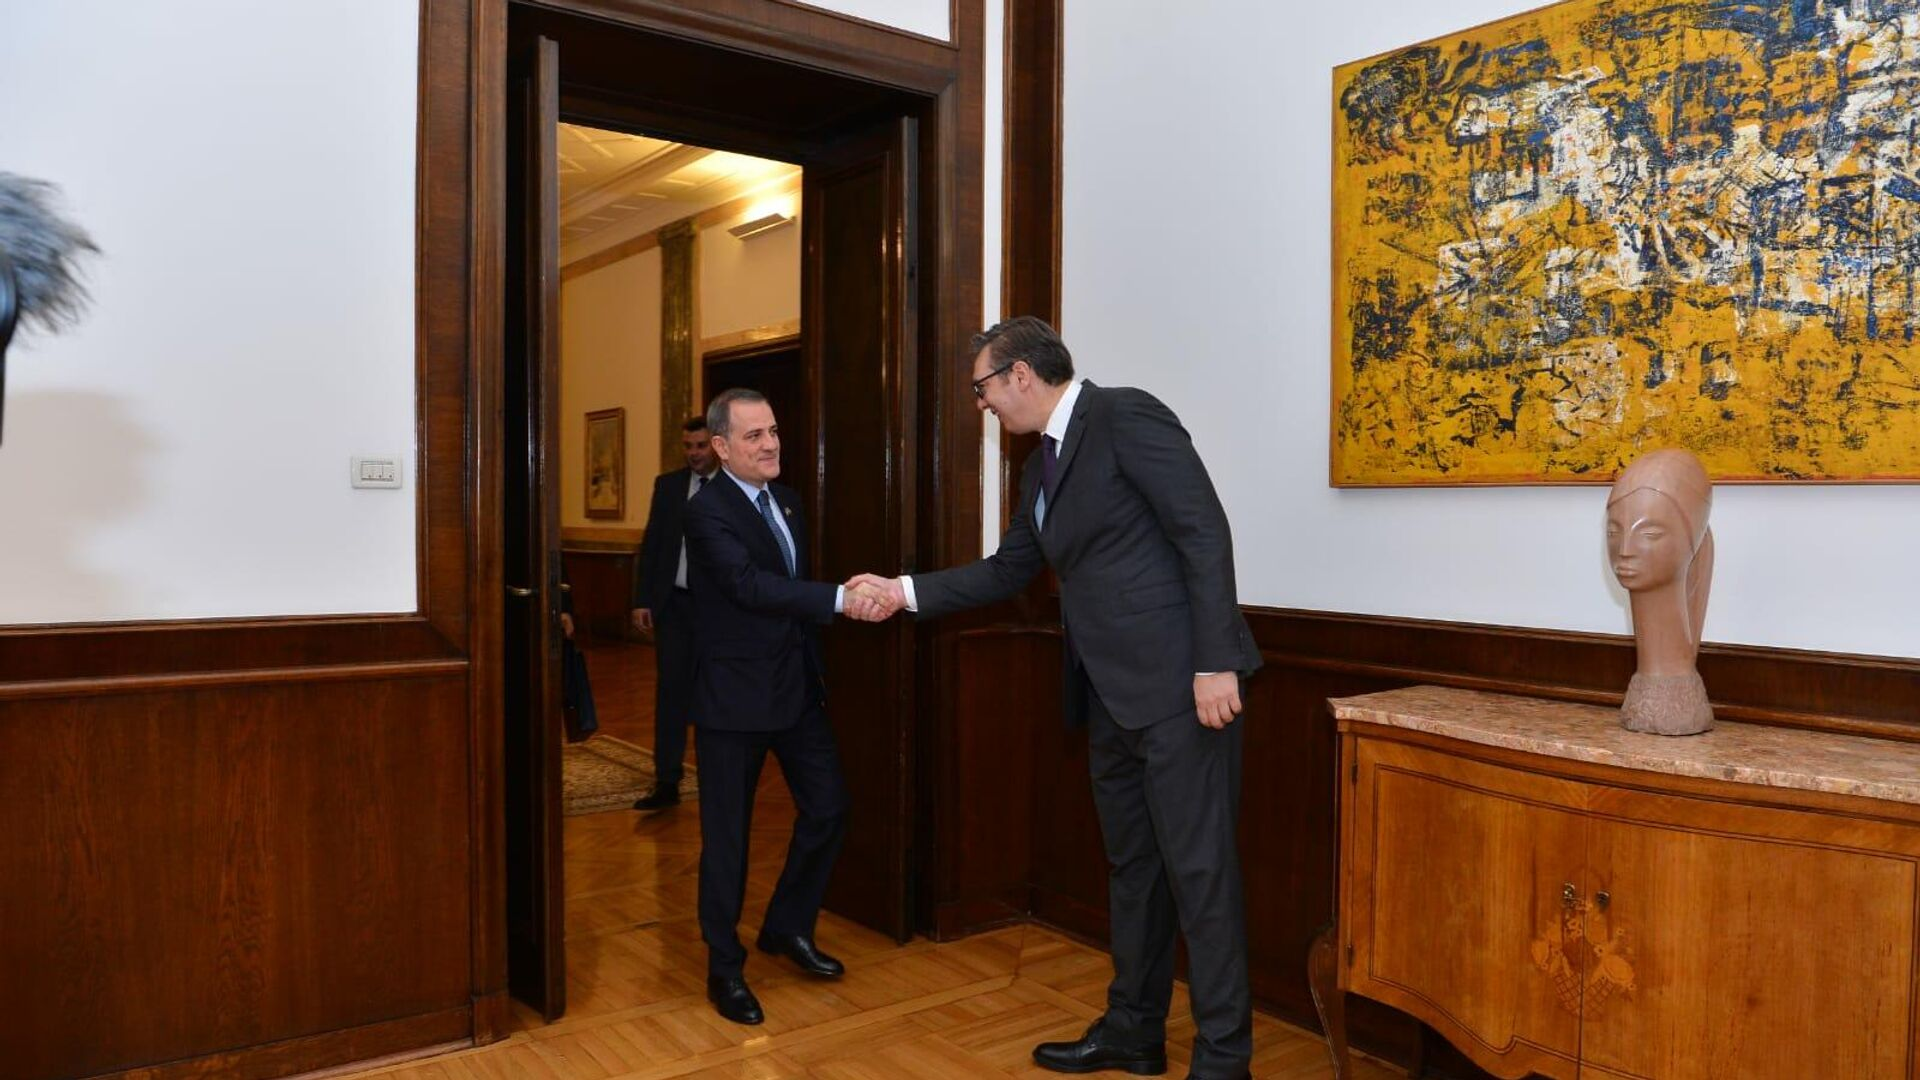 Министр иностранных дел Азербайджана Джейхун Байрамов с президентом Сербии Александром Вучичем - Sputnik Azərbaycan, 1920, 12.10.2021